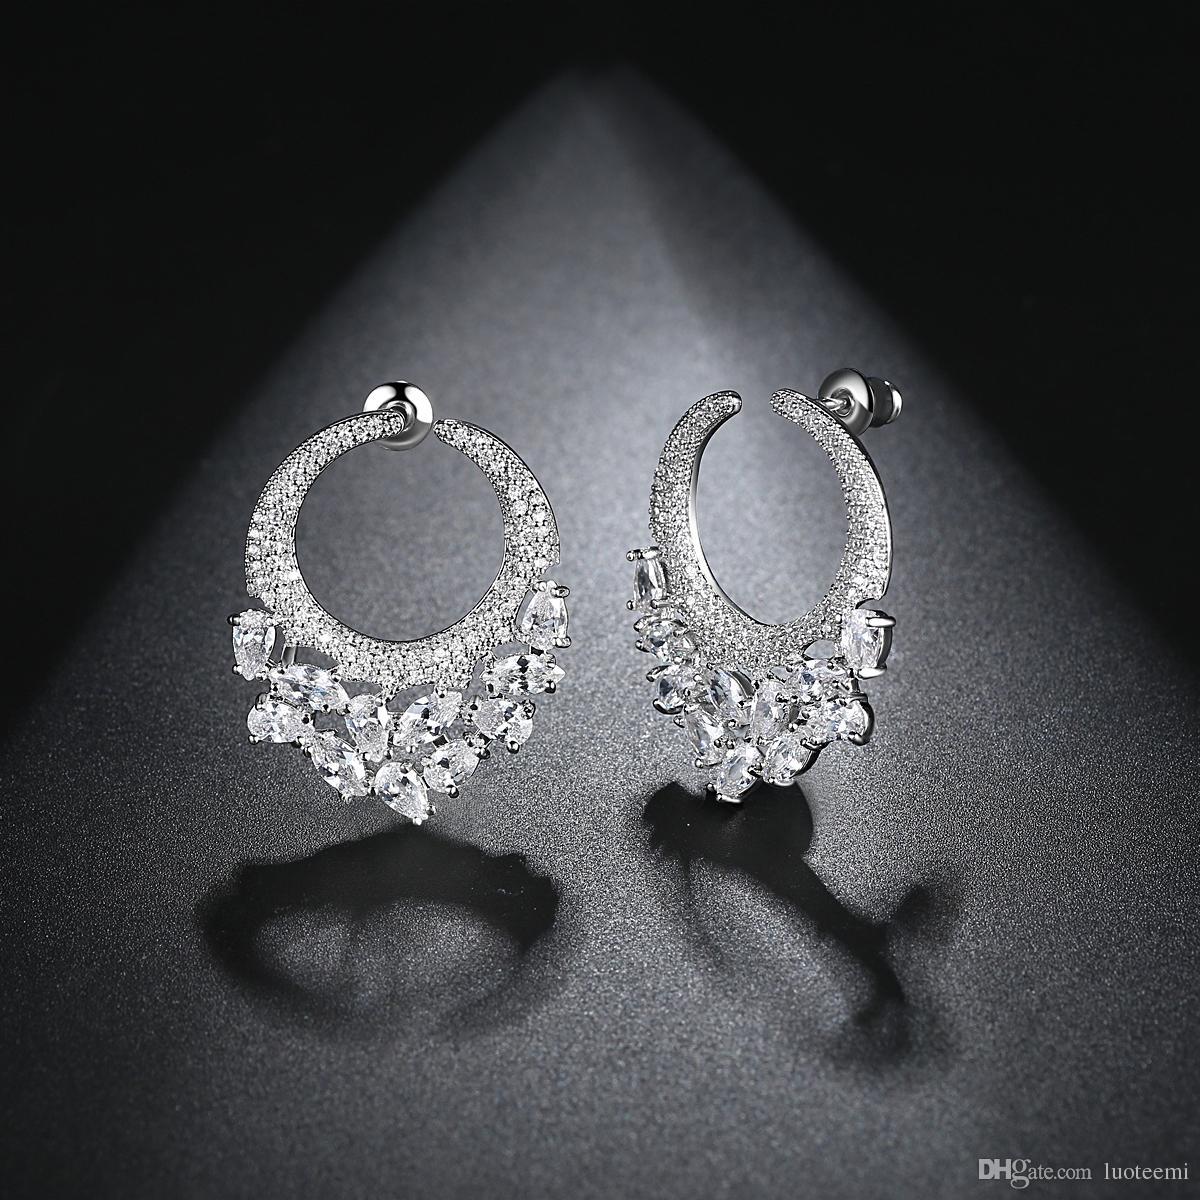 Diseño redondo Stud Pendientes con Clear Cubic Zirconia Oro blanco plateado Pendientes boda Regalo para Mujer Joyería LUOTEEMI